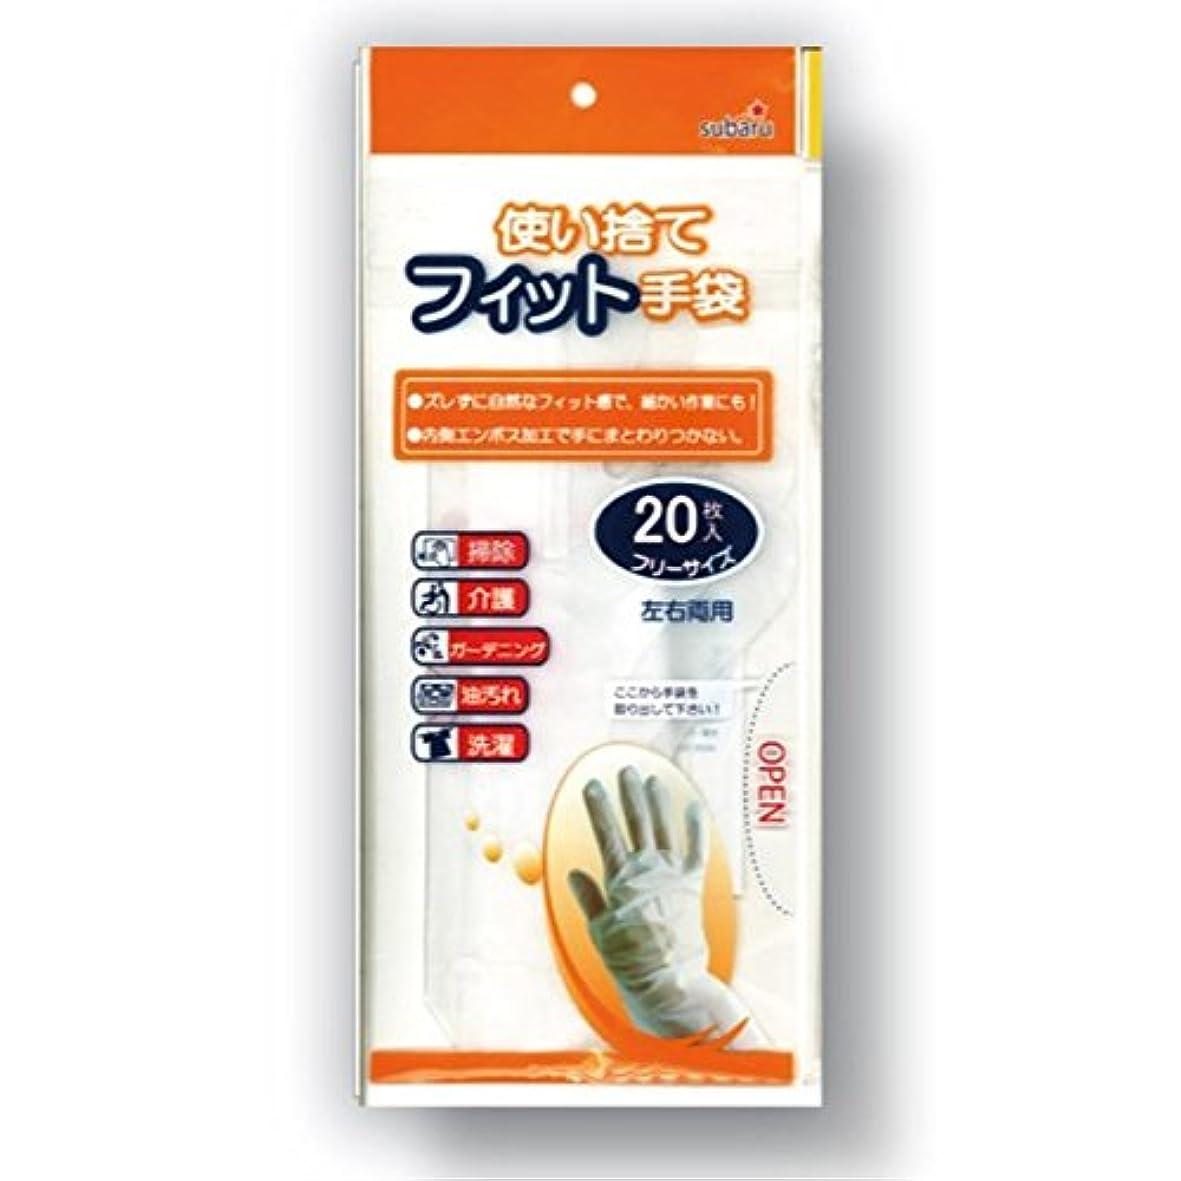 使い捨てフィット手袋フリーサイズ20枚入[12個セット] 227-19